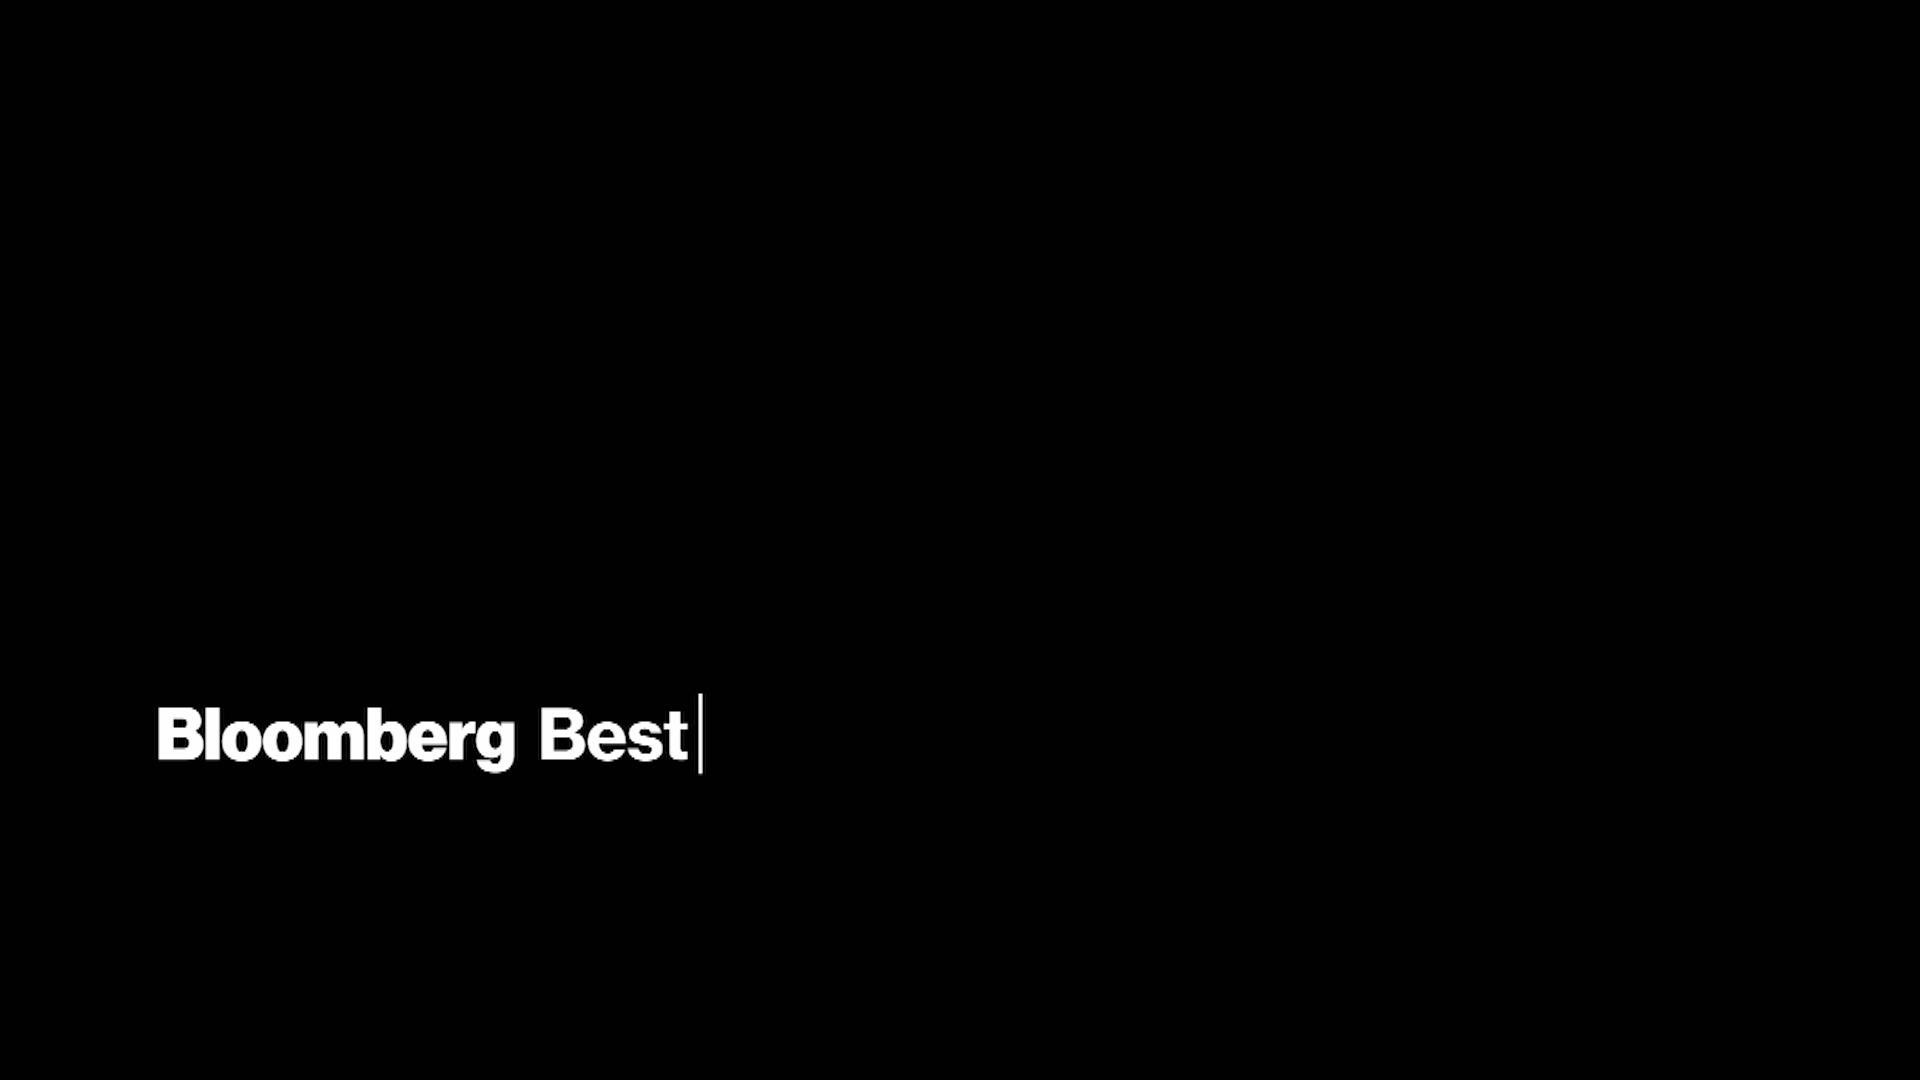 'Bloomberg Best' Full Show (1/17/2020)